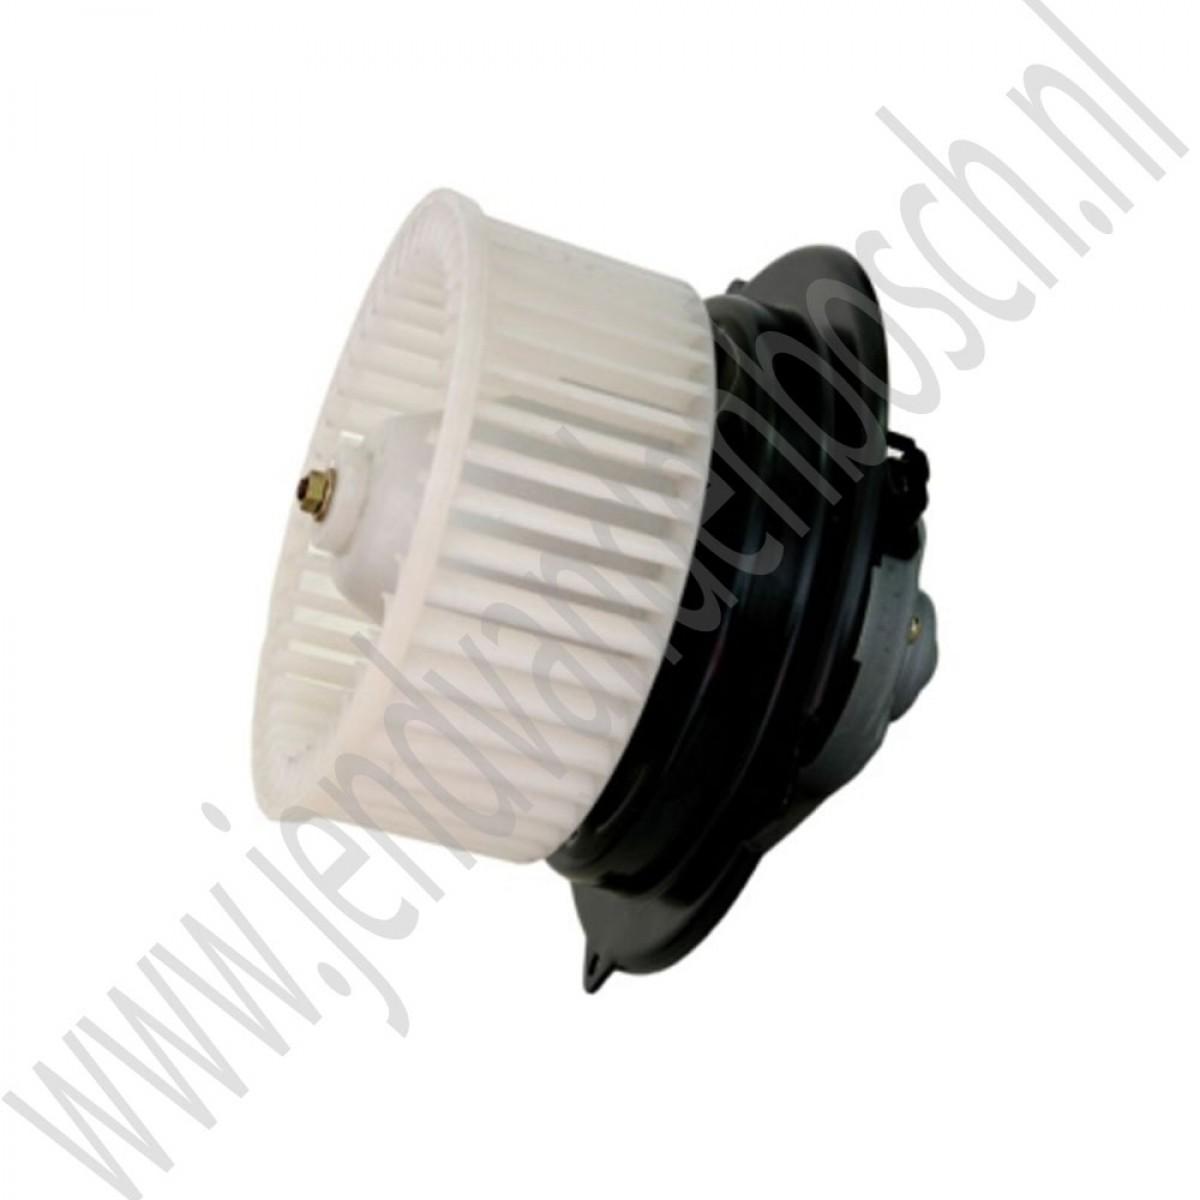 J&D Van den Bosch Nieuwe kachelmotor (voor verwarming interieur ...